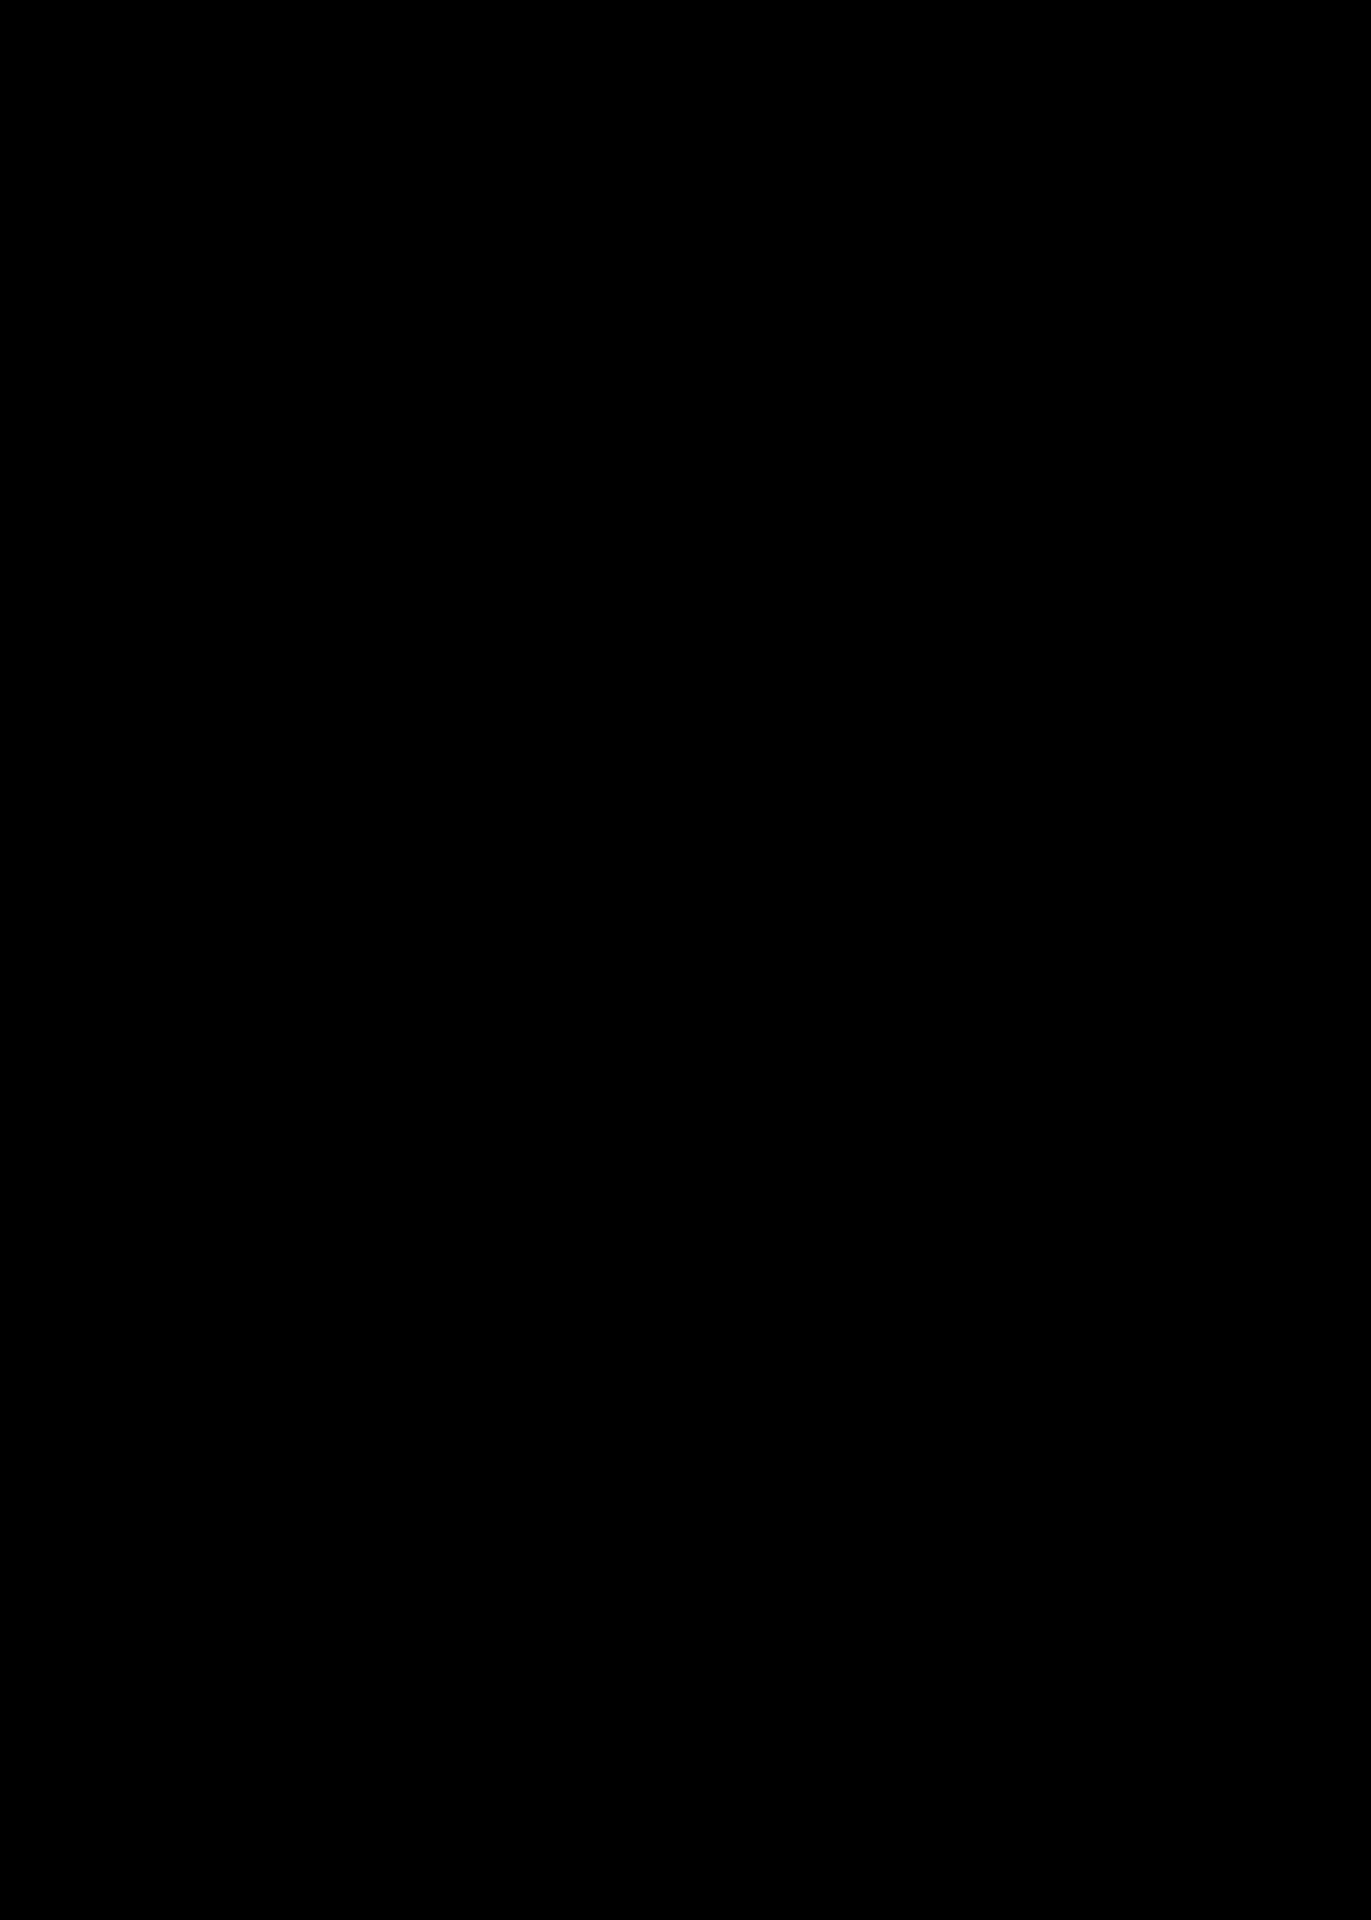 hlg_2939